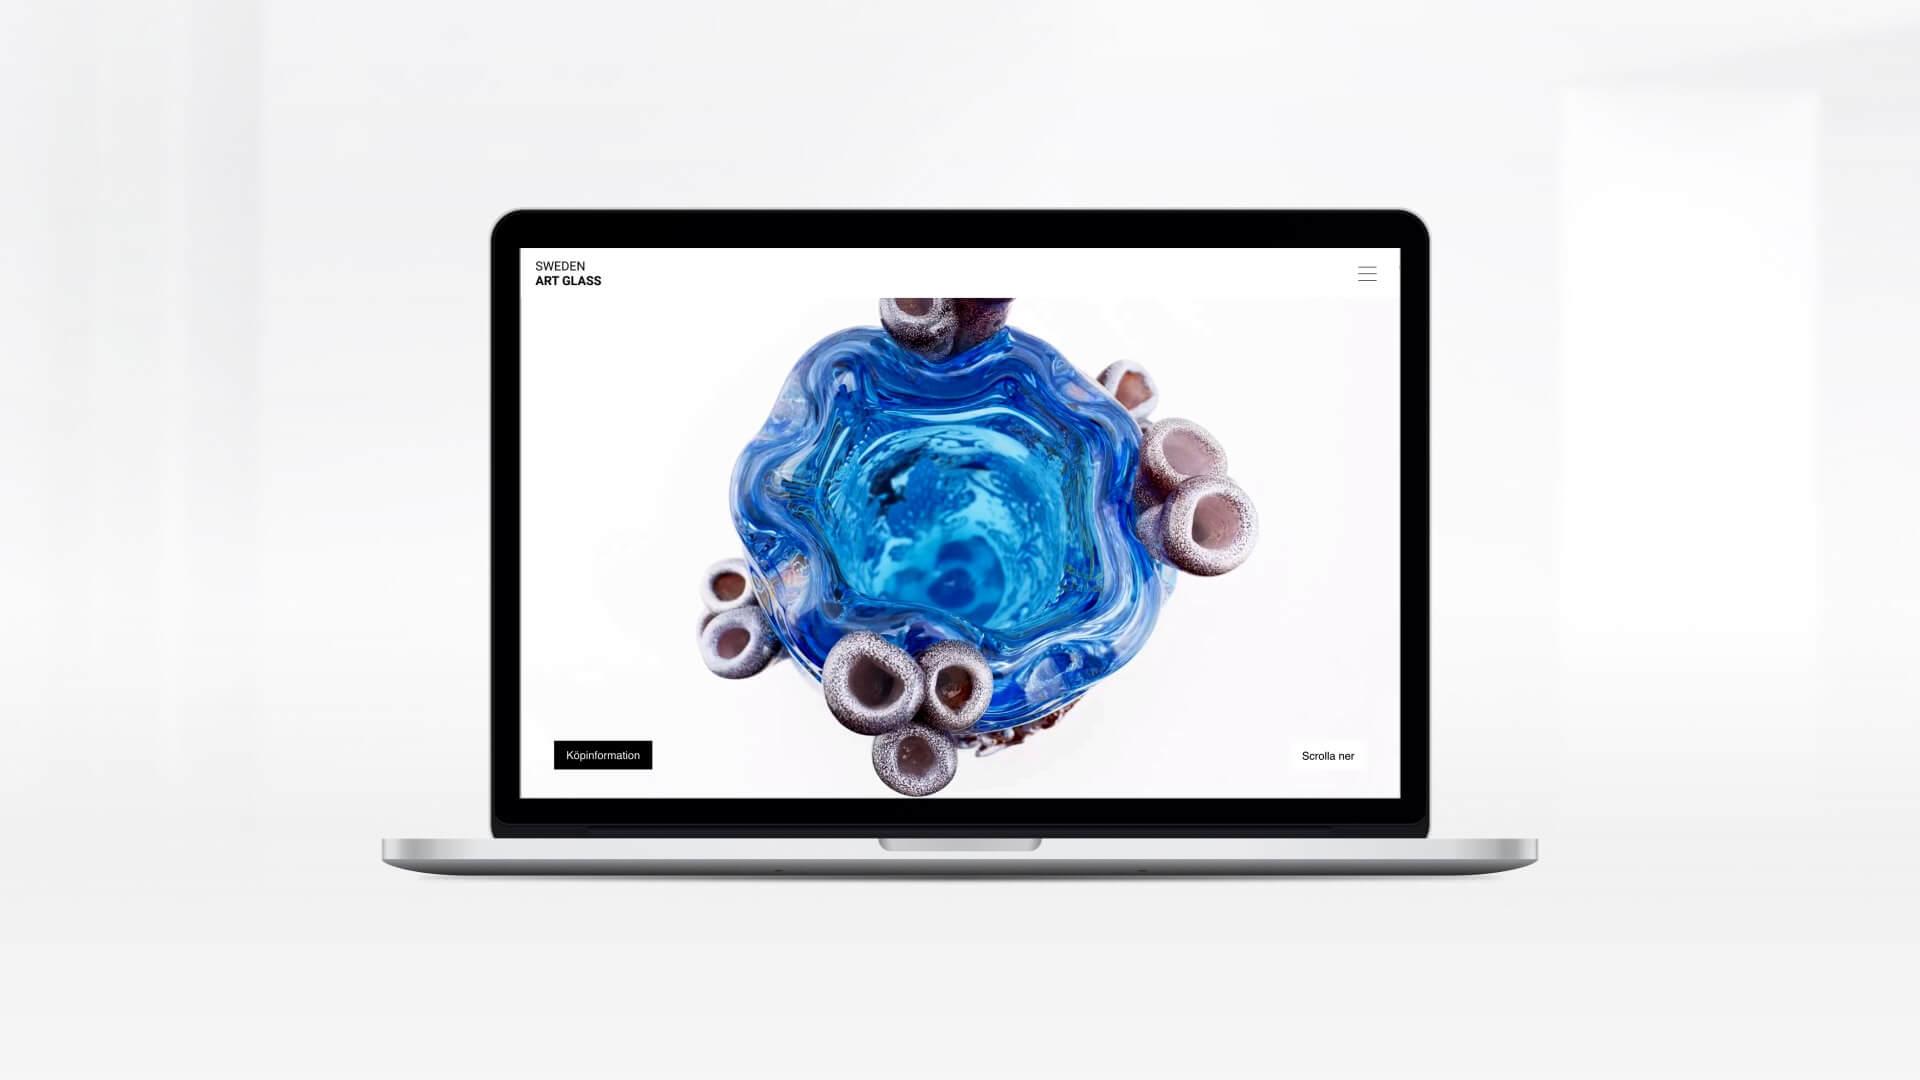 Webbplats för Sweden Art Glass